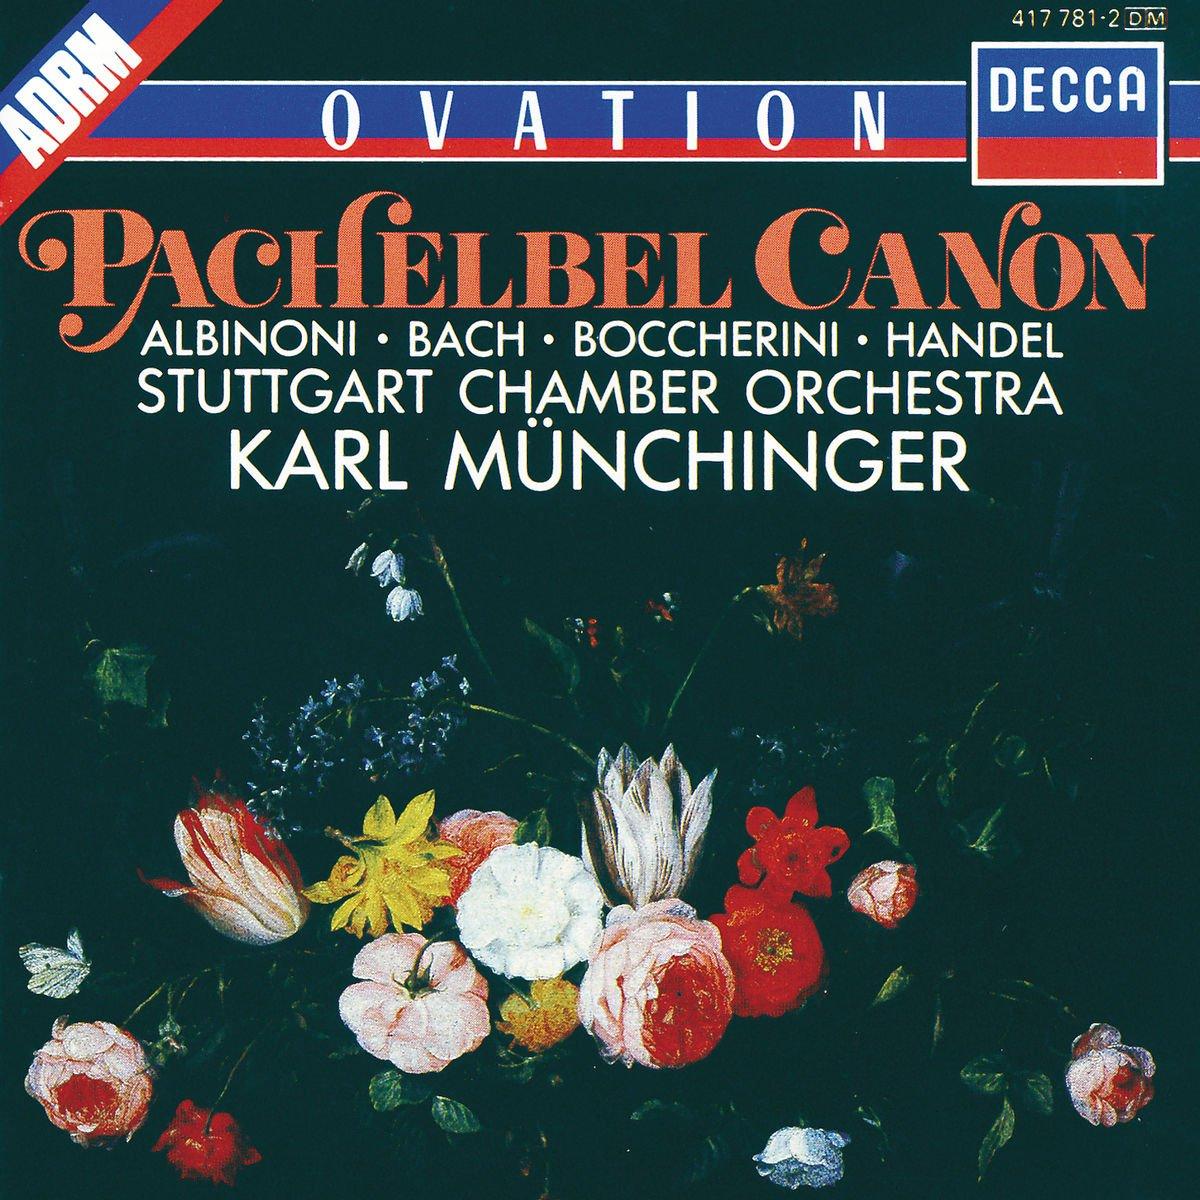 Pachelbel Canon: Albinoni / Bach / Boccherini / Handel